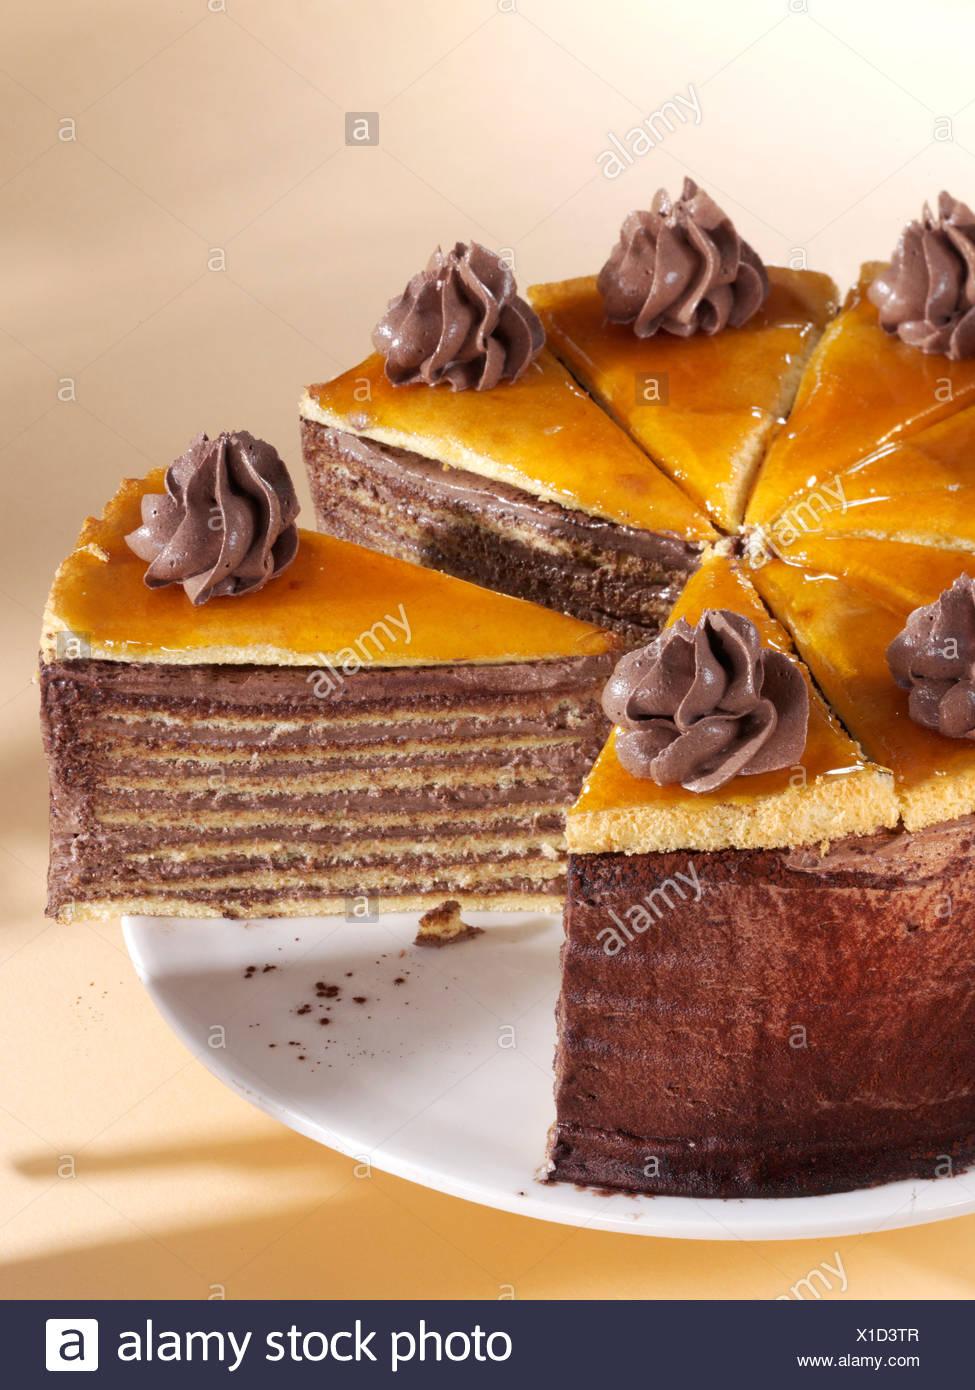 Tranches de gâteau Dobos sur une assiette, le hongrois